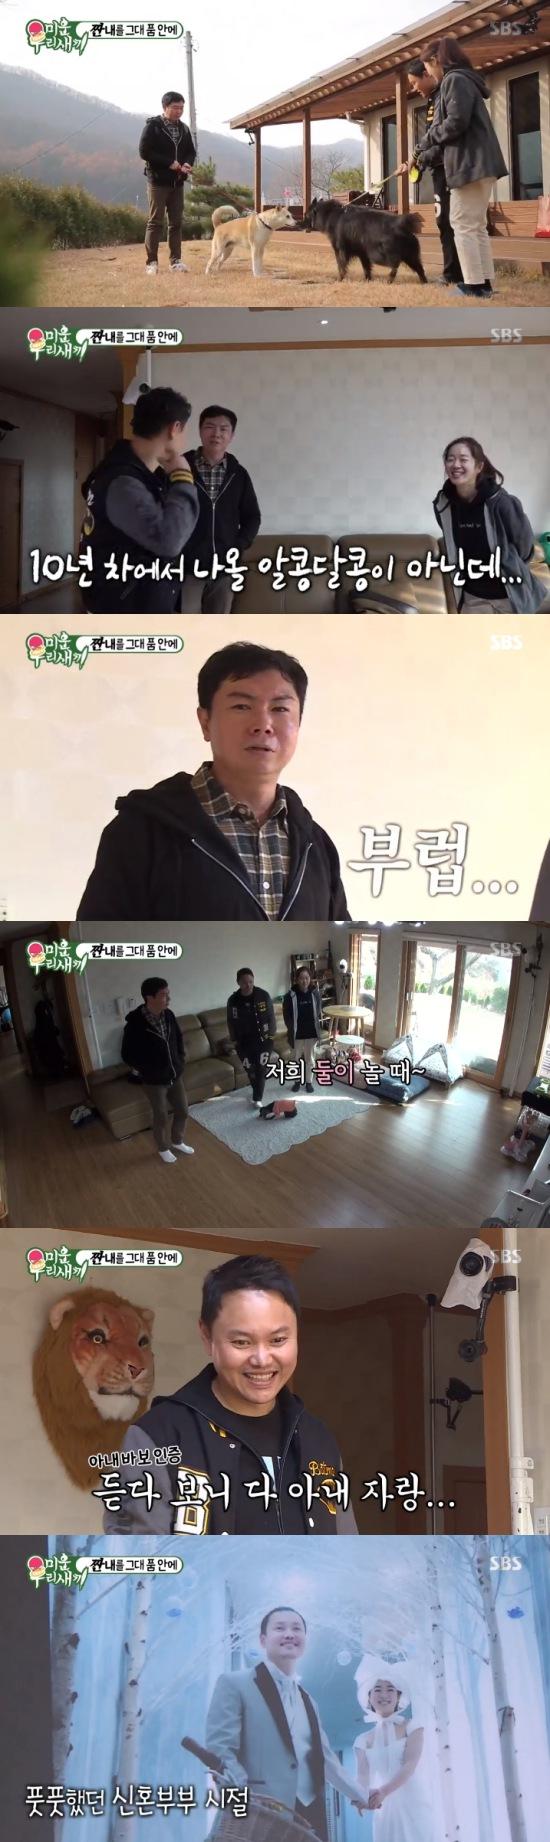 [TV:스코어] '미우새' 김민교 집·아내 공개…시청률 하락에도 1위